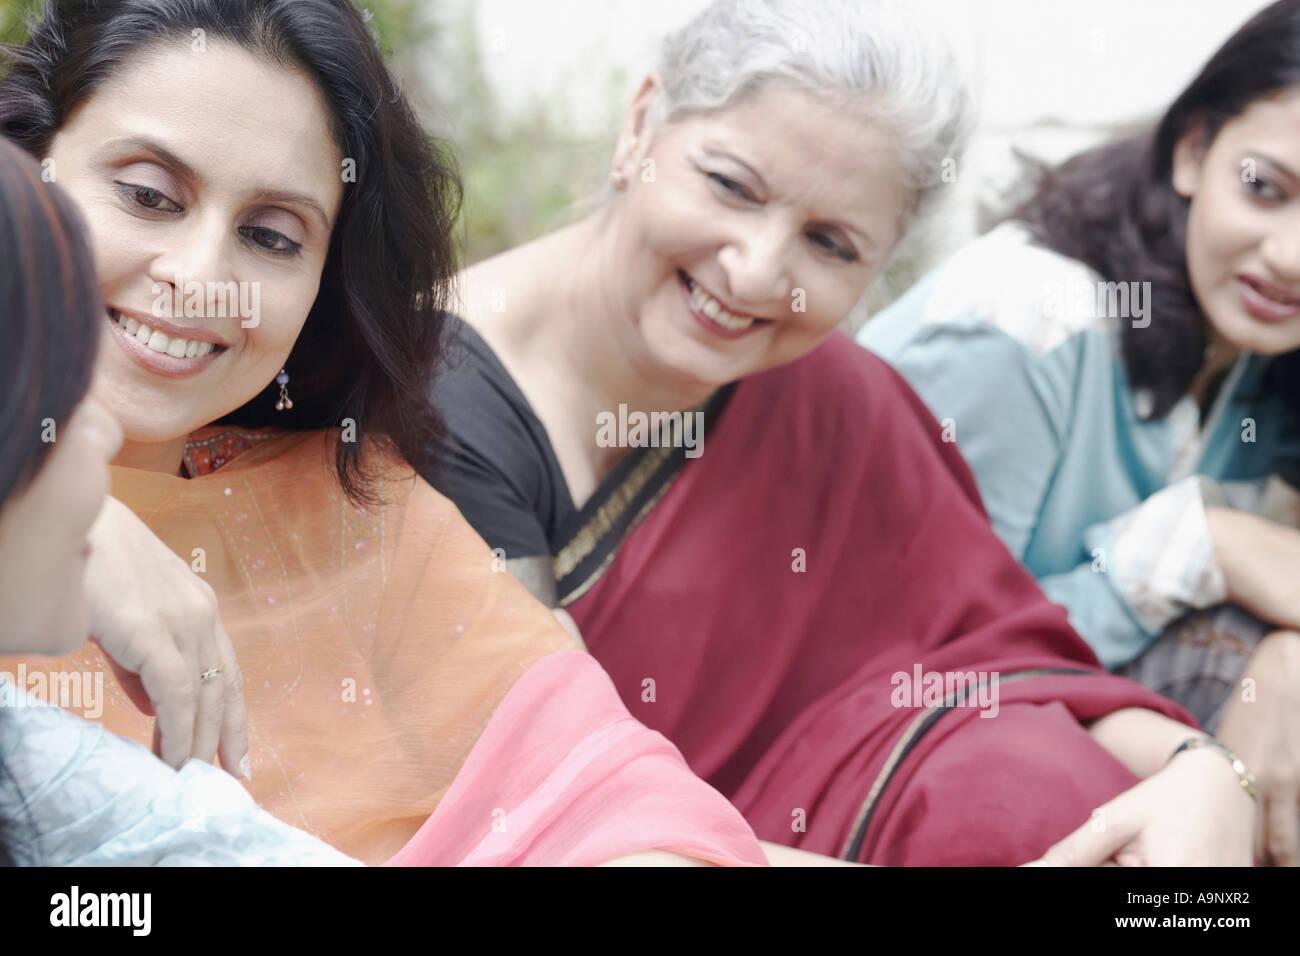 Quattro le donne sedute insieme sorridente Immagini Stock